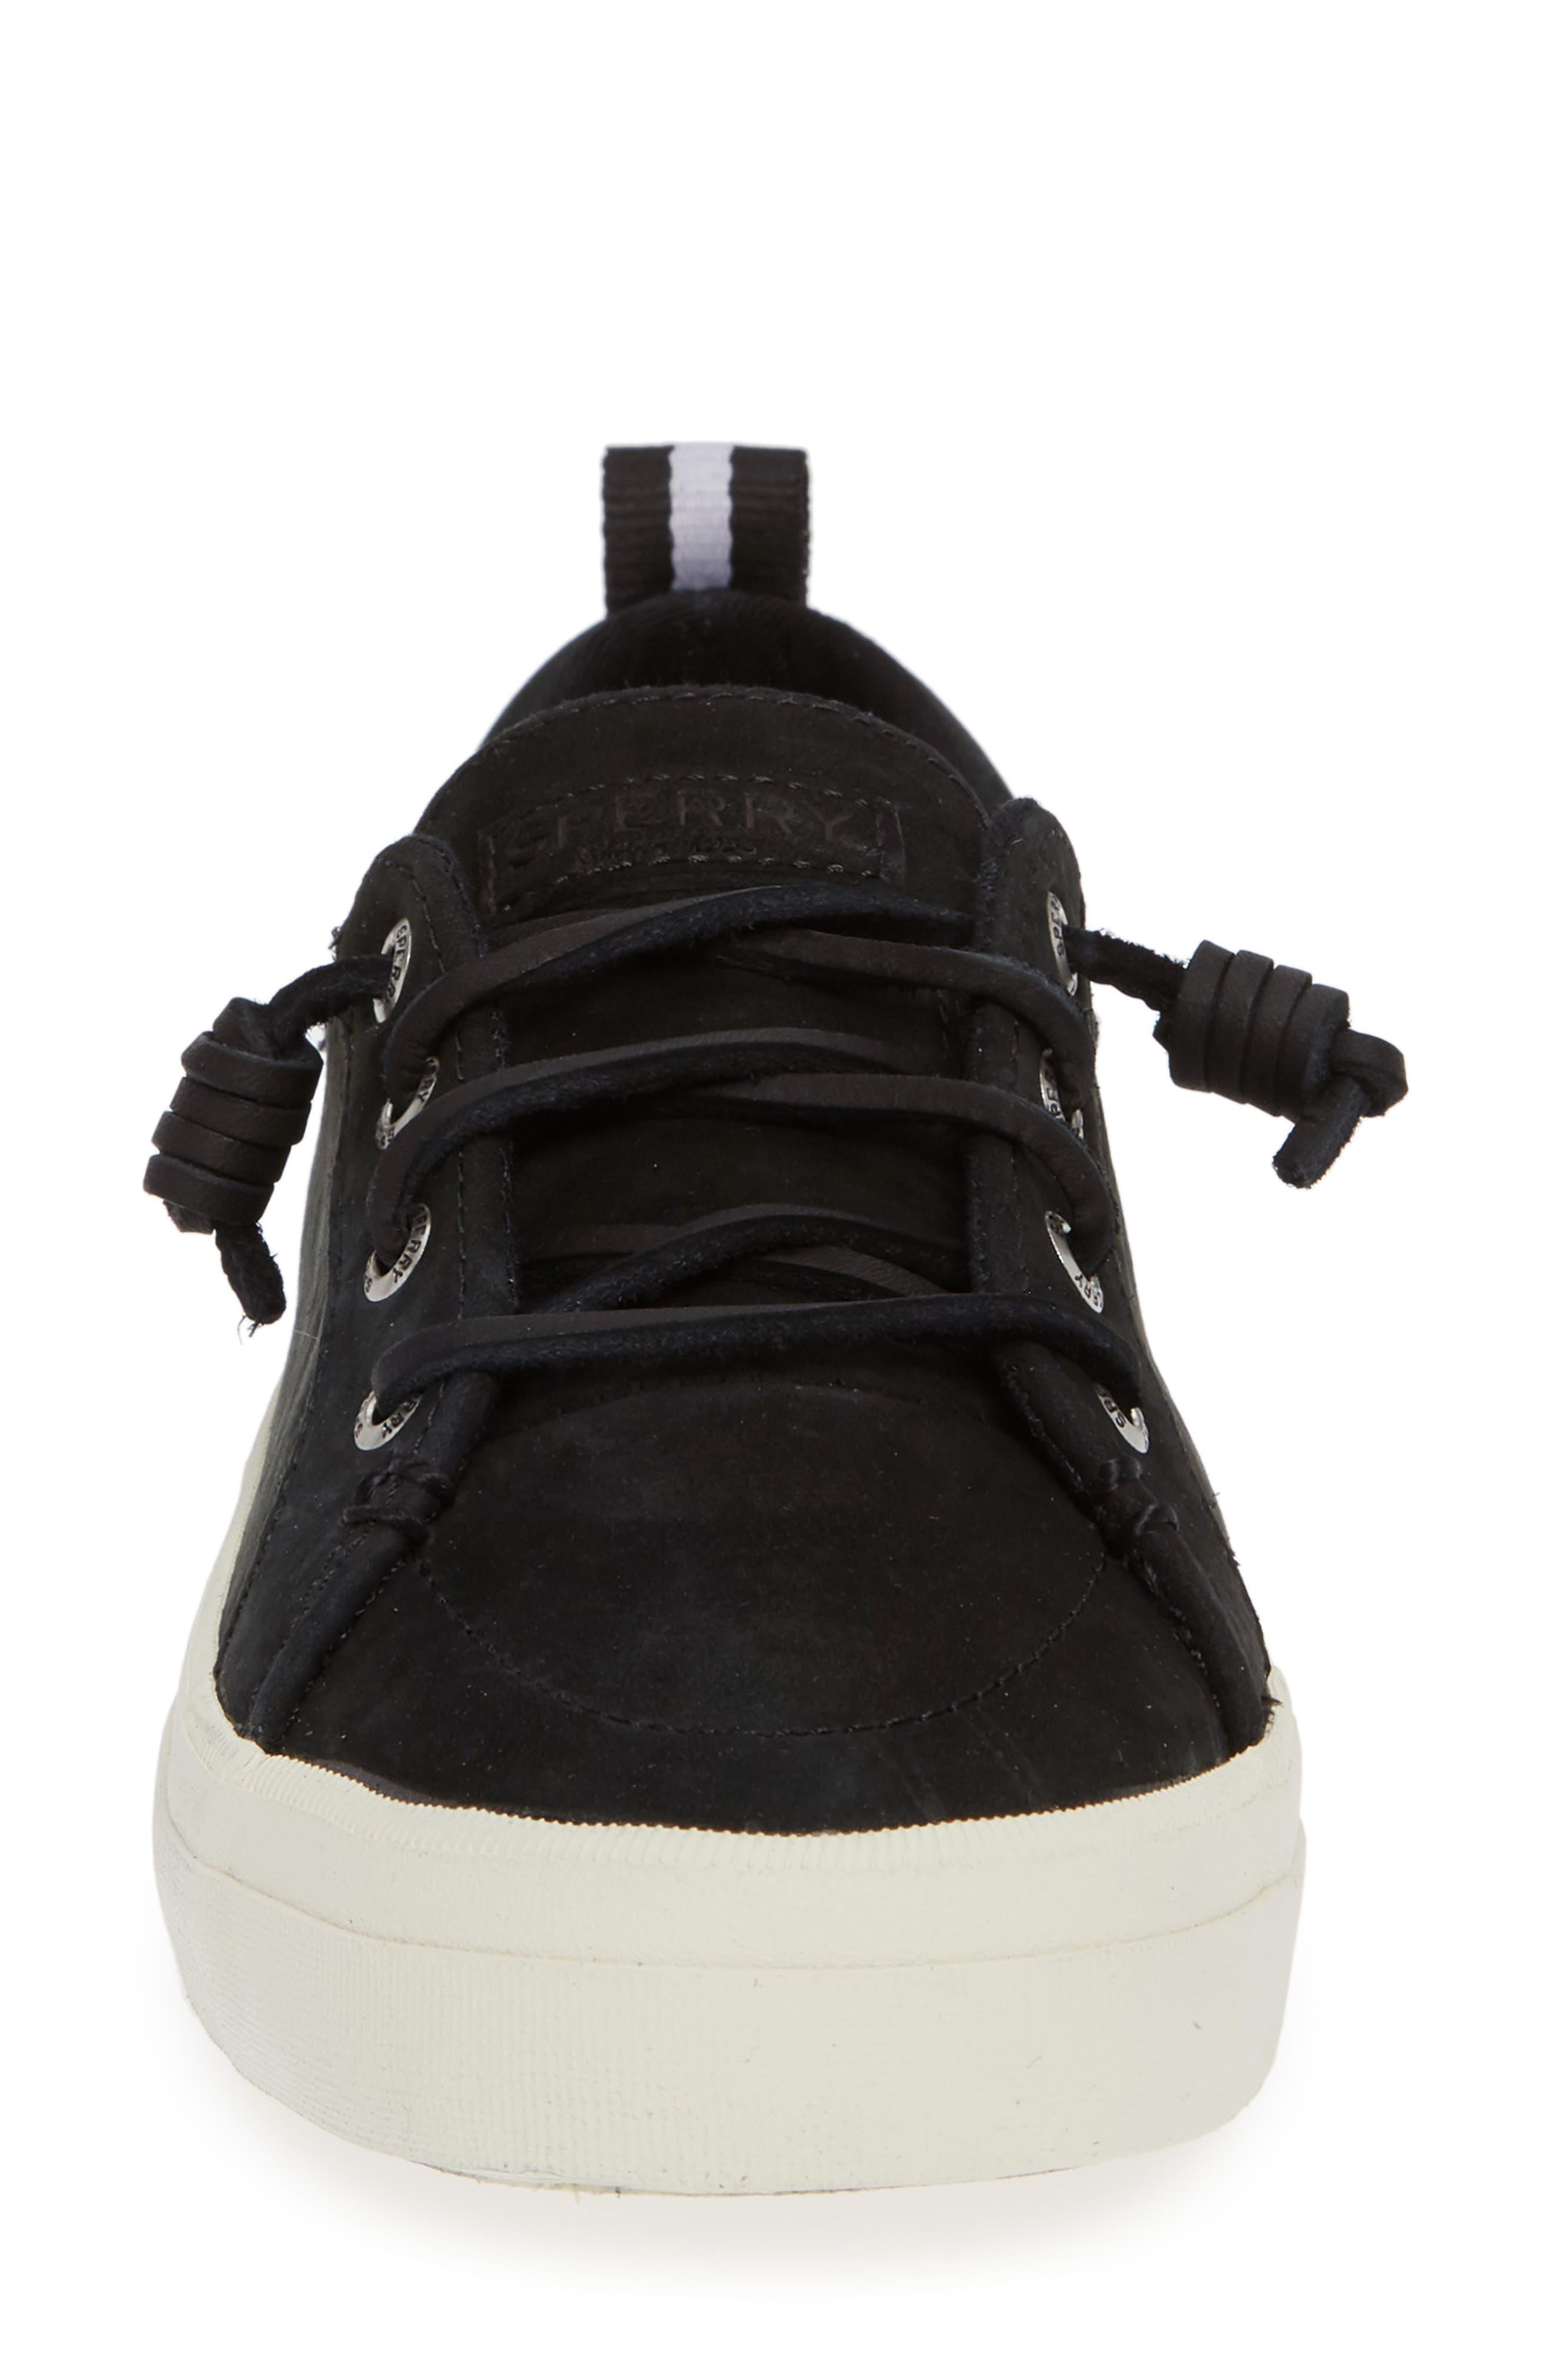 SPERRY,                             Crest Vibe Sneaker,                             Alternate thumbnail 4, color,                             001